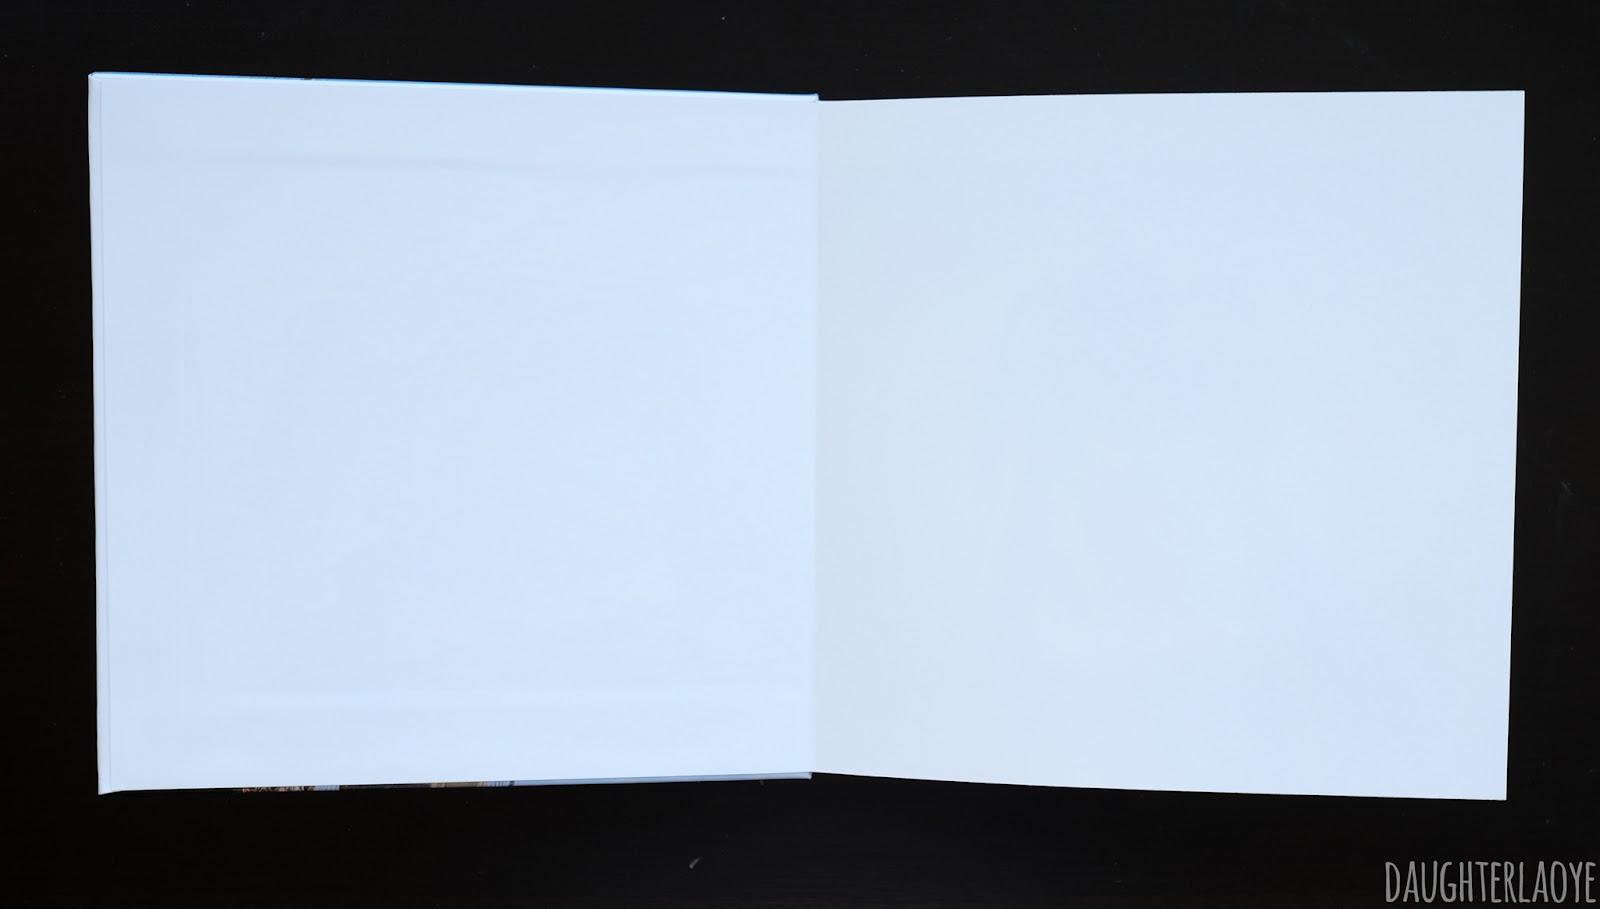 Glossy Book Cover Paper : Daughter lao ye photobook review adoramapix fuji hd